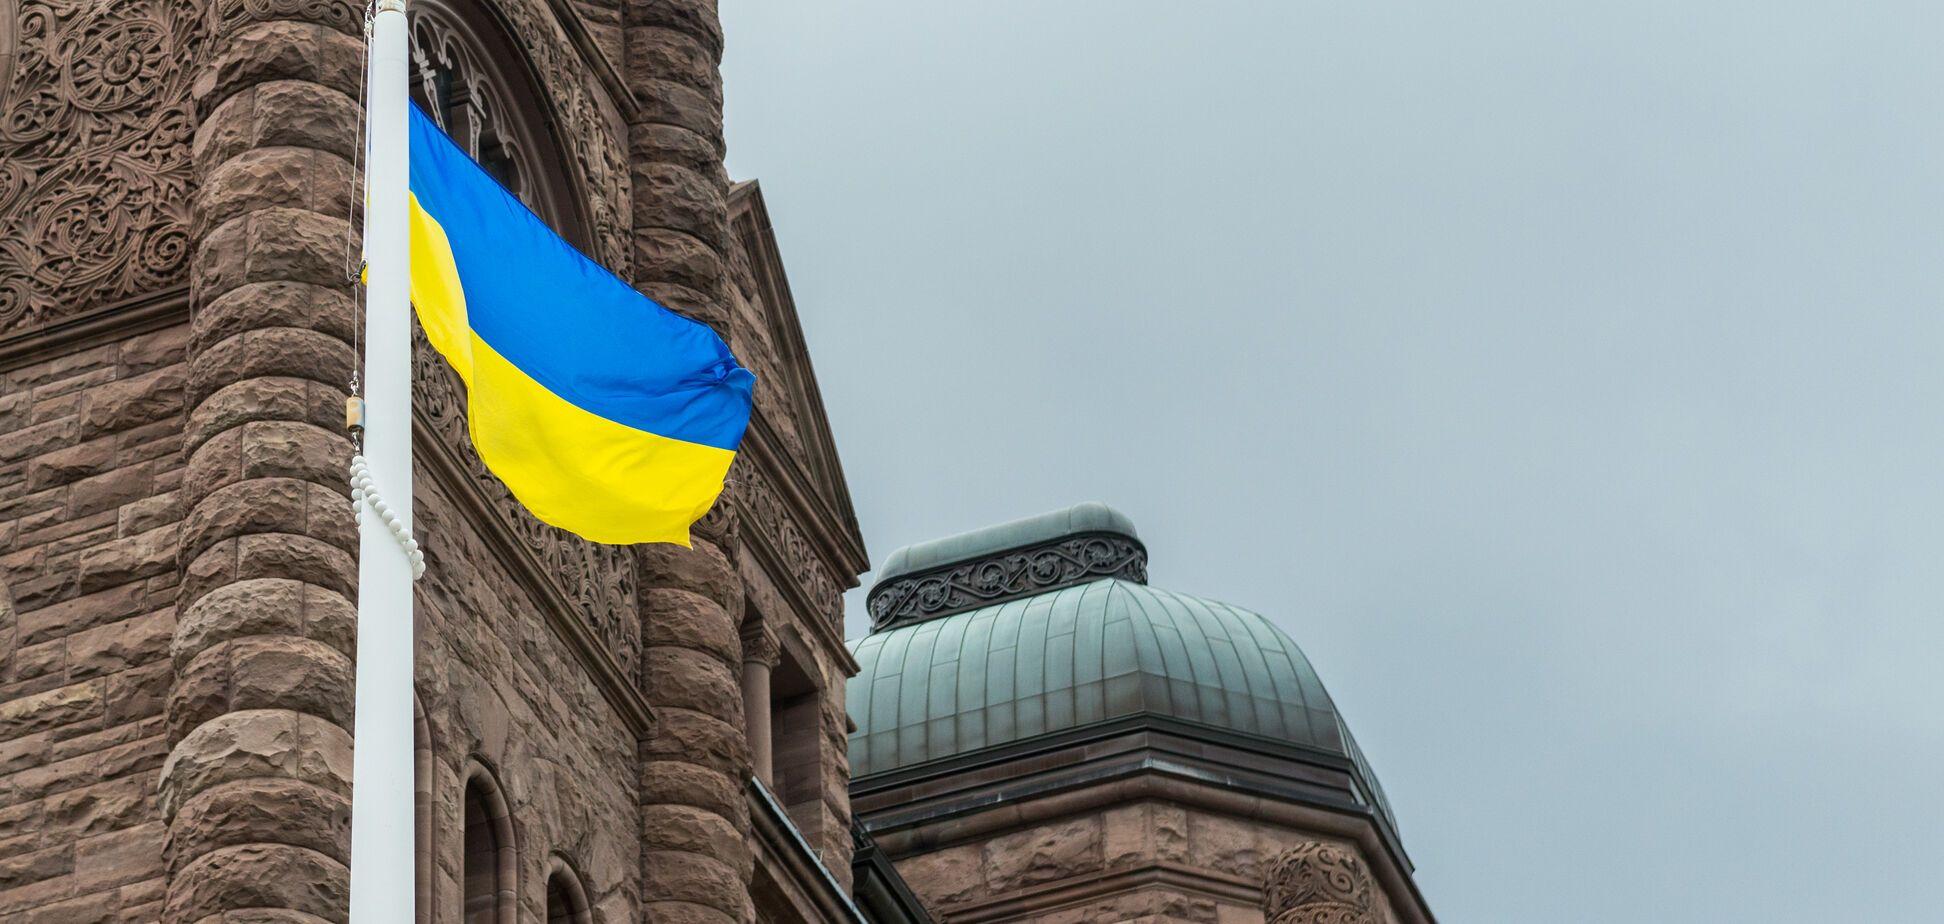 Инвесторы заинтересованы: эксперт рассказал о двух перспективных отраслях в Украине